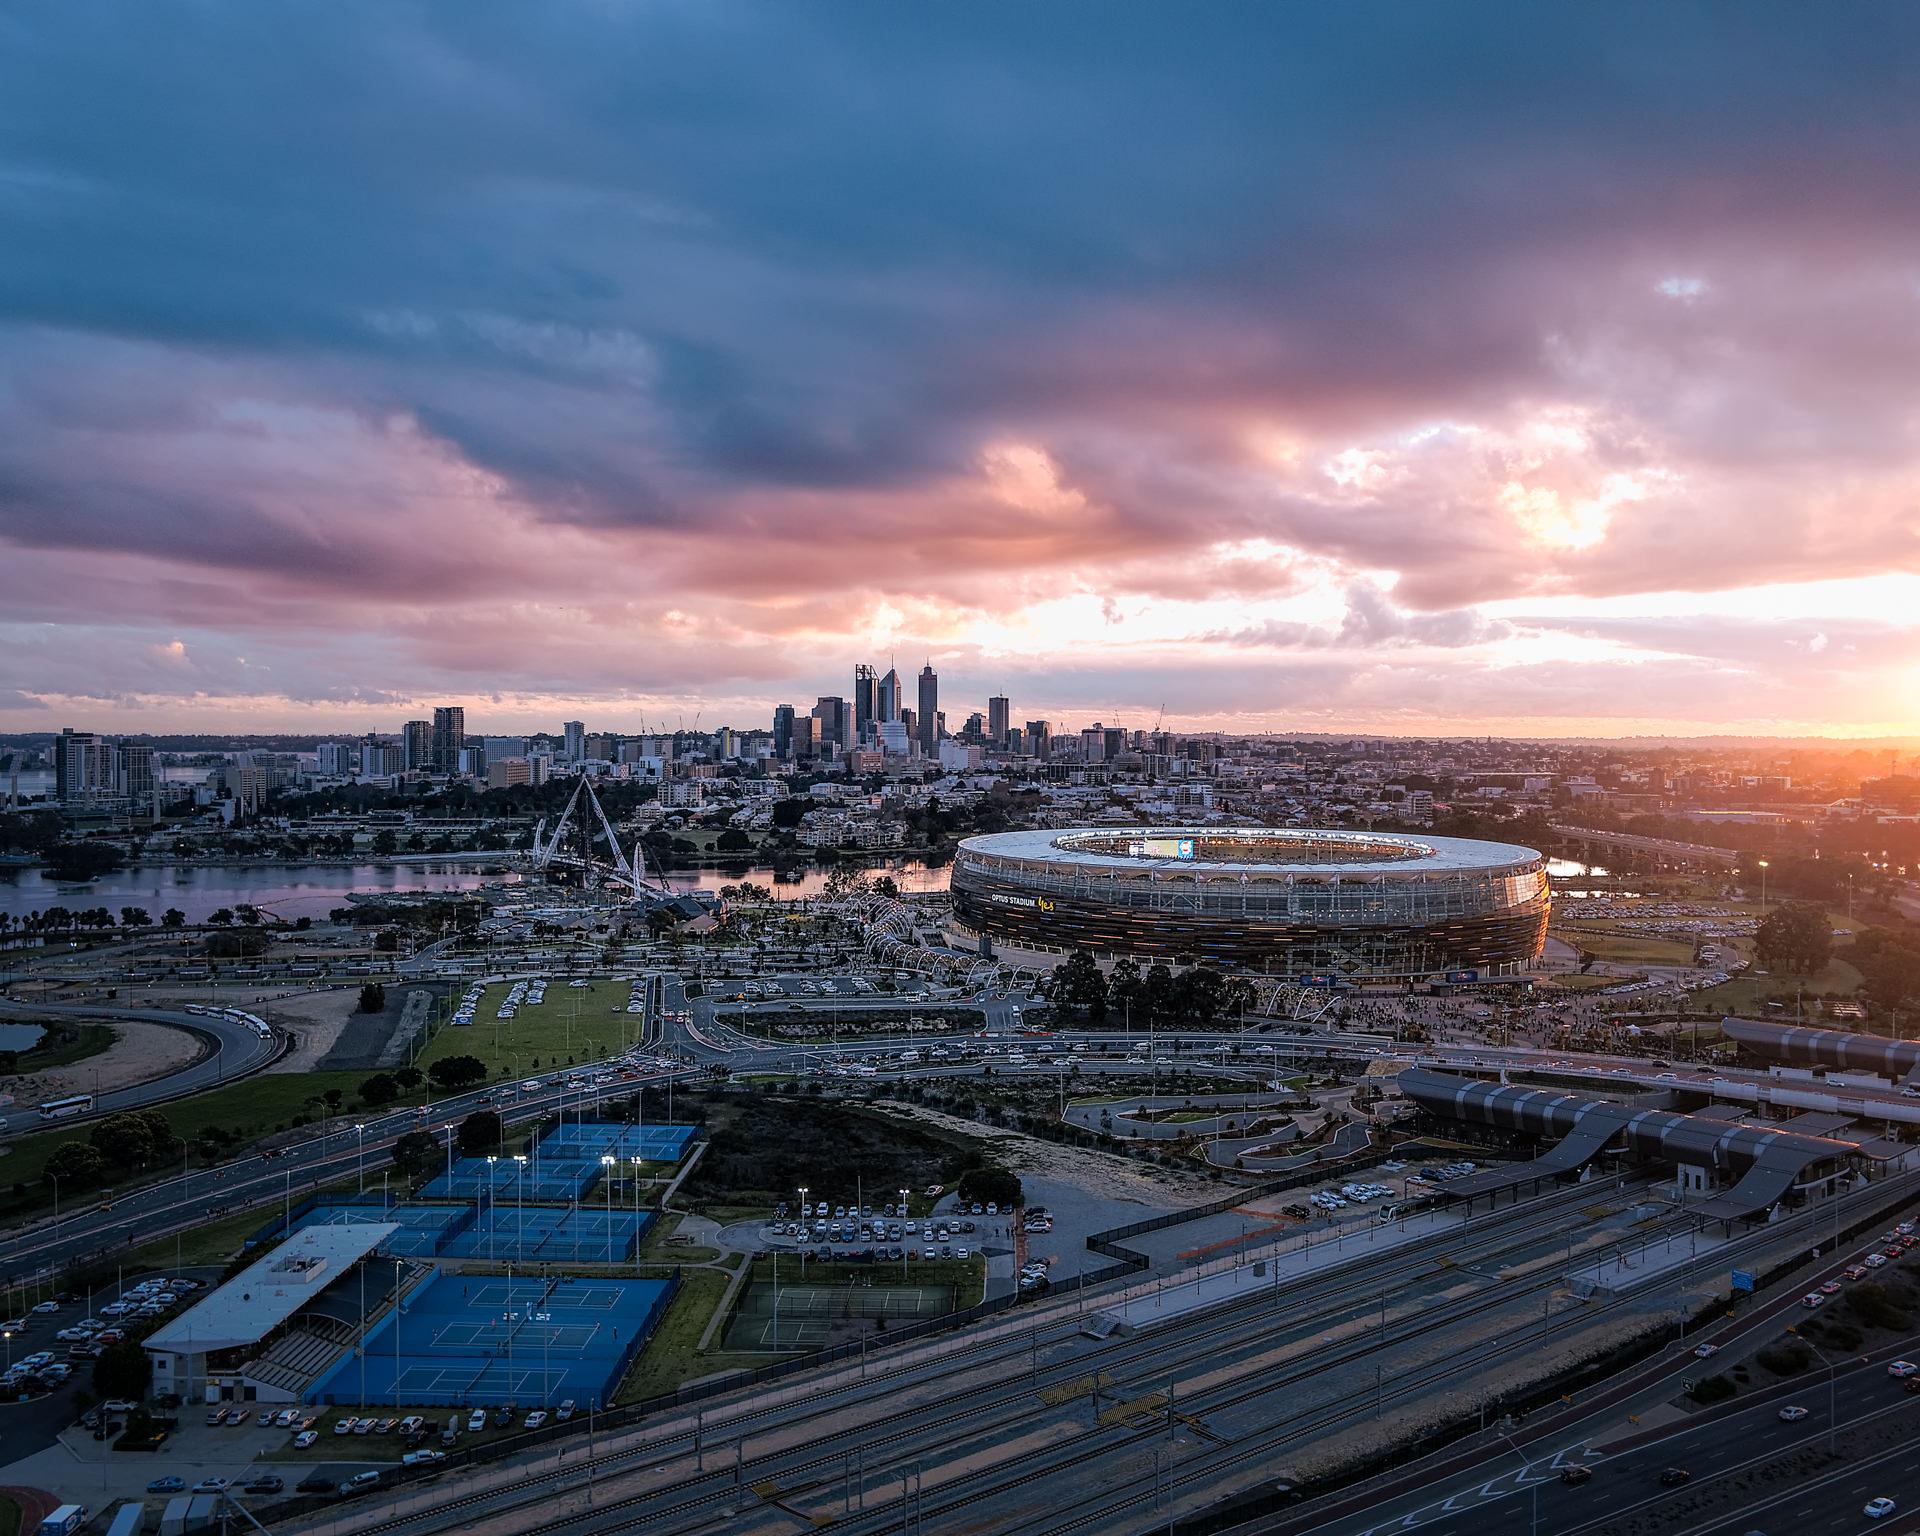 Optus Stadium and the city